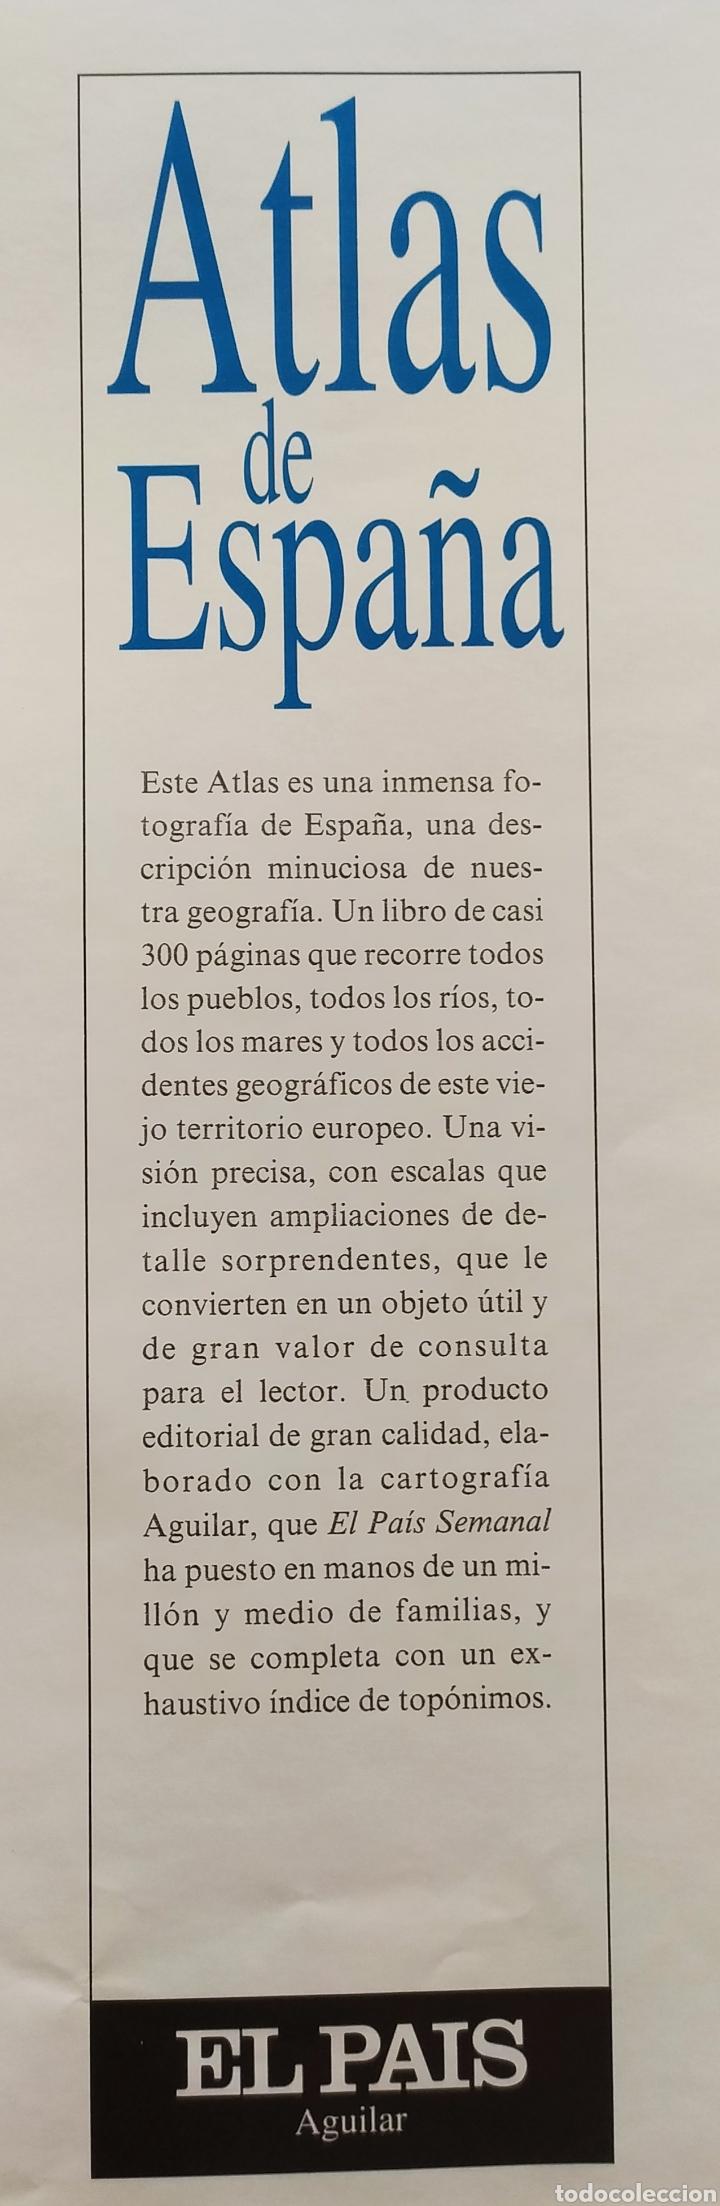 """Libros: ATLAS DE ESPAÑA (1992); """" EL PAIS """"; Editorial Aguilar. Sin Encuadernar. Completo. - Foto 17 - 245015290"""